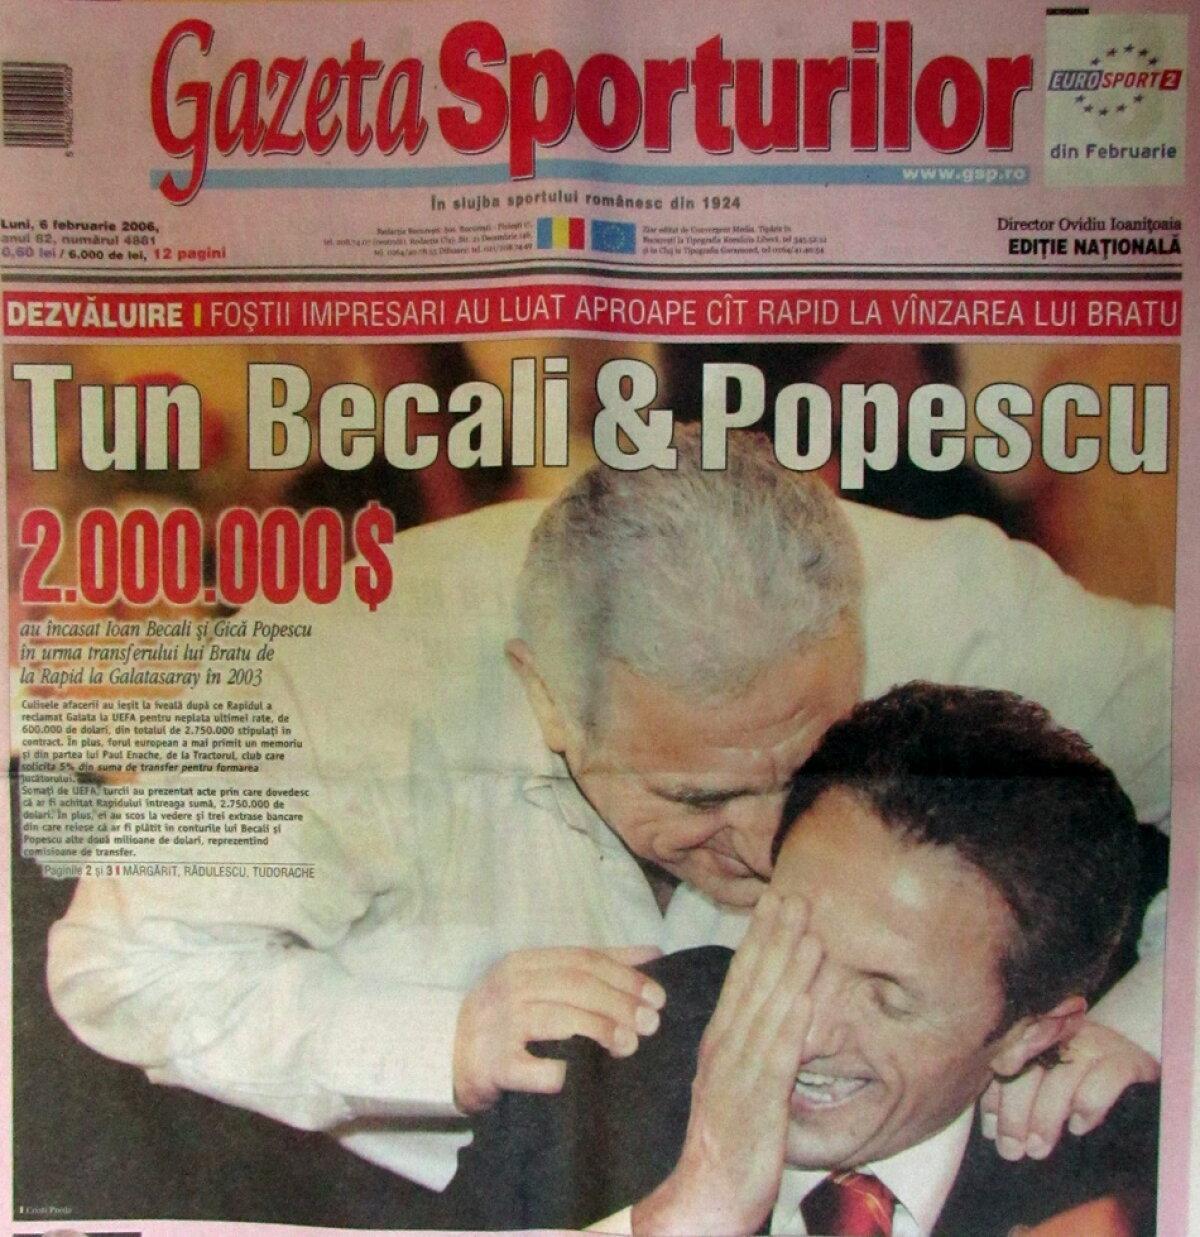 """UPDATE Aşa a început totul! La 6 ani de la ancheta Gazetei, au venit şi condamnările » 40 de ani de închisoare pentru 8 """"grei""""!"""